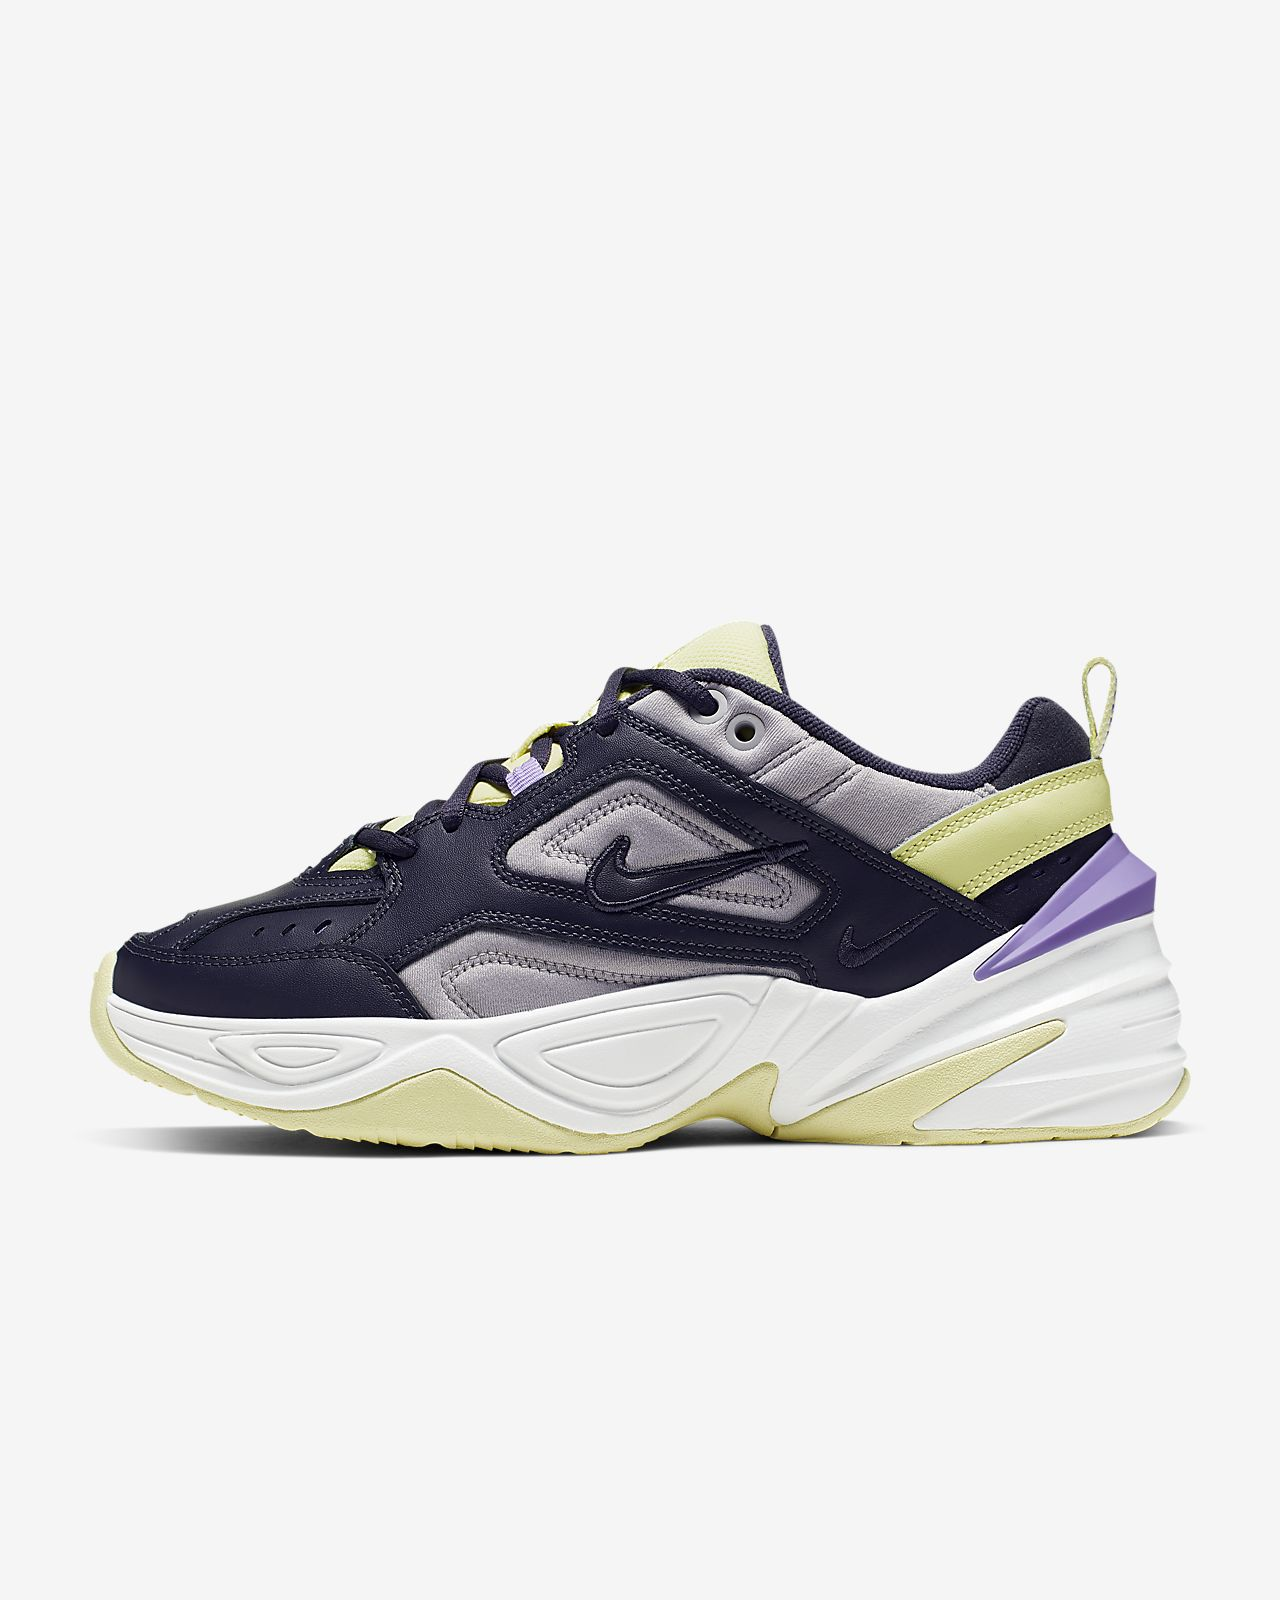 eb8f375b9223 Low Resolution Nike M2K Tekno Shoe Nike M2K Tekno Shoe